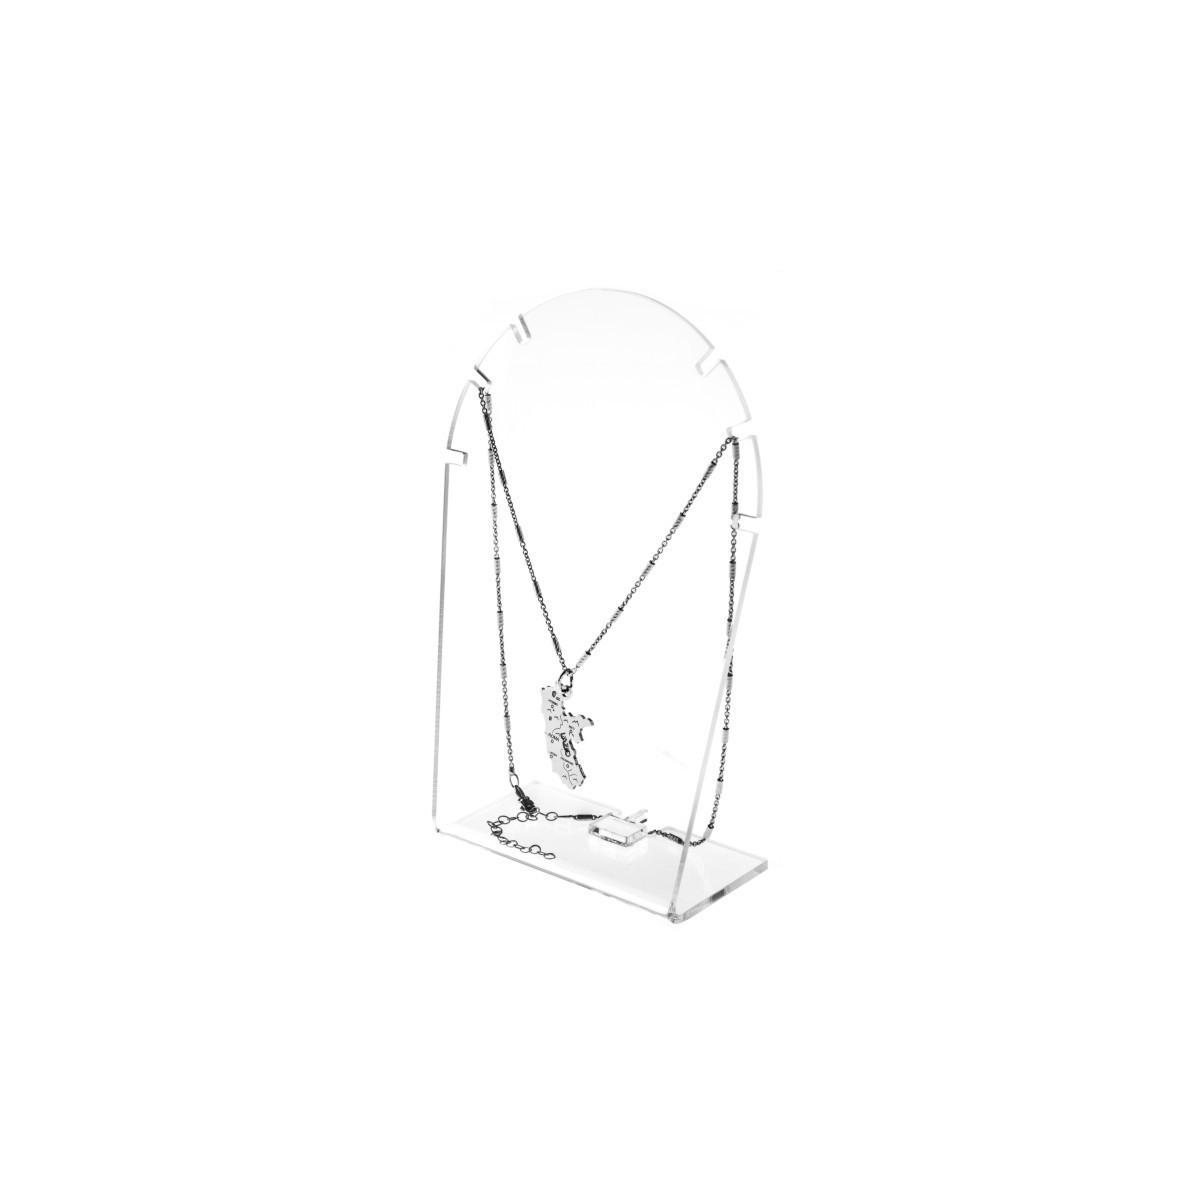 Présentoir de comptoir en acrylique pour les chaines - Dimensions: 10 x 4 x H15 cm